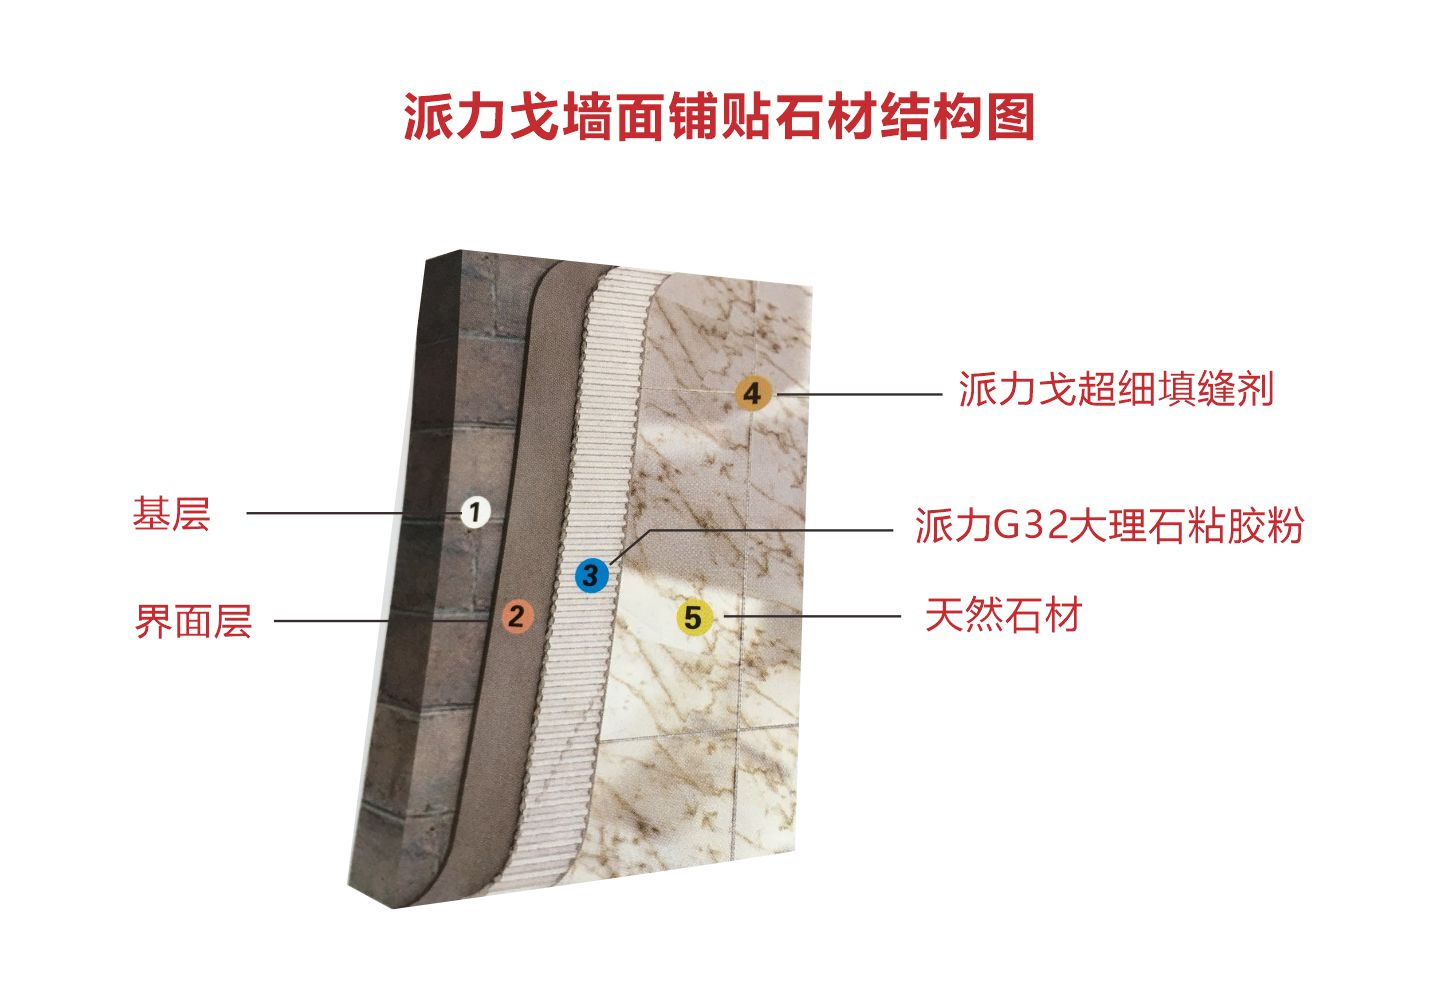 亞遊集團app下載天然石材粘貼係統